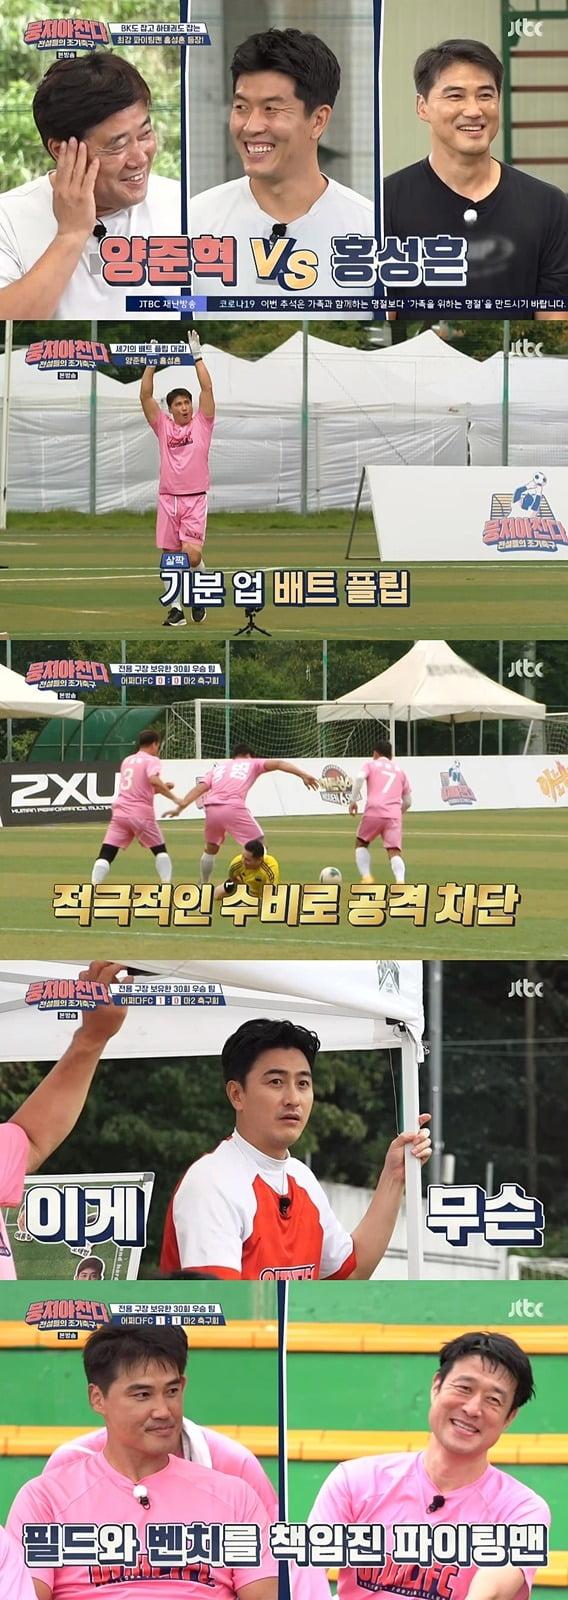 '뭉쳐야 찬다'에서 축구 러버들의 뜨거운 열정이 눈길을 사로잡았다. / 사진=JTBC 방송 캡처